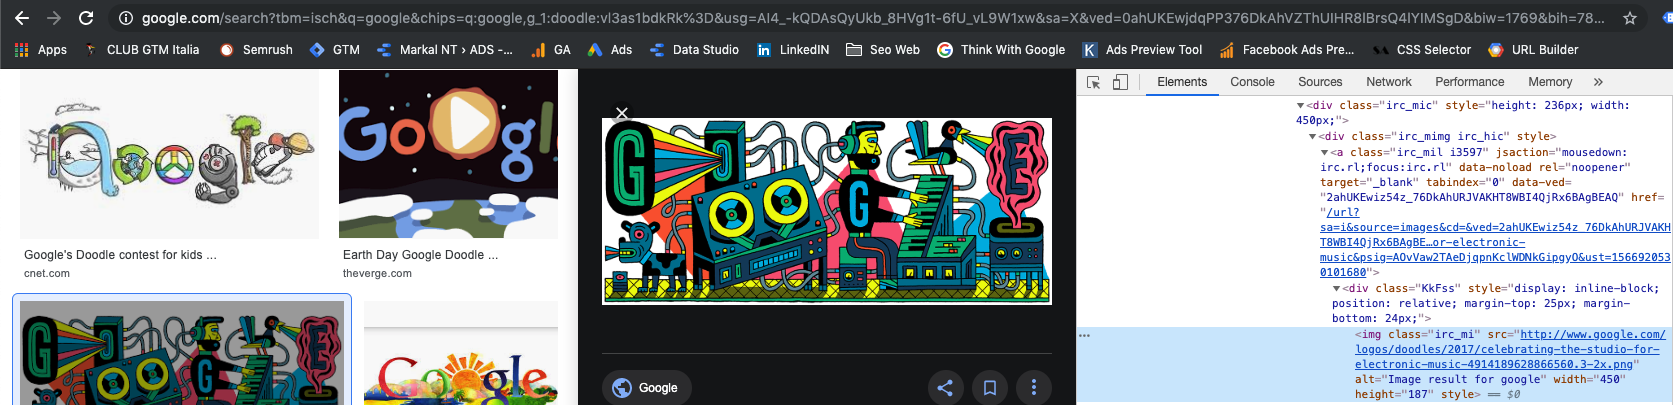 Immagine chrome inspector sulla ricerca immagini google